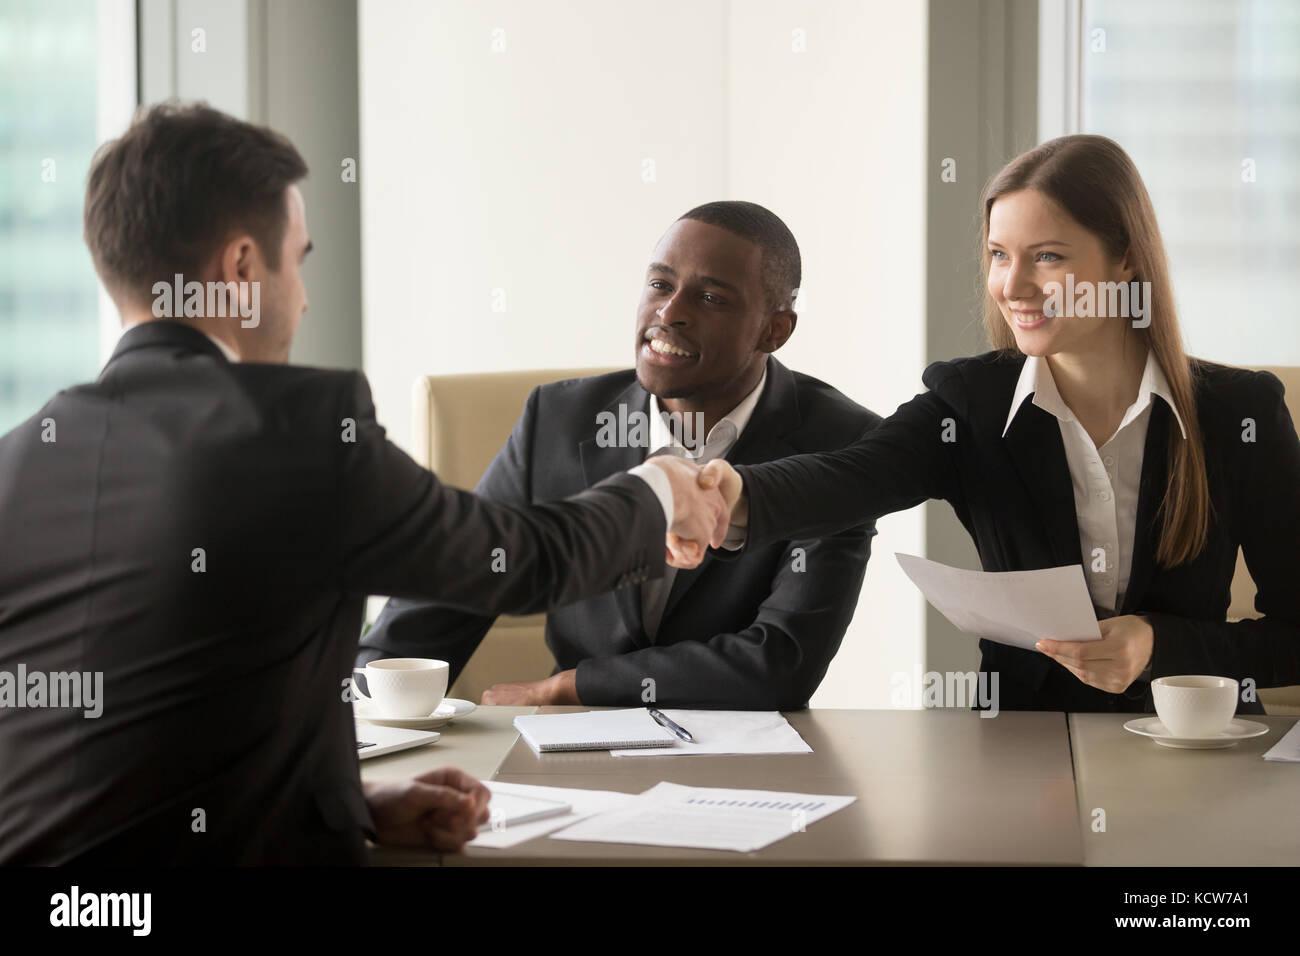 Smiling businesswoman handshaking avec partenaire au début de négociations multinationales. afro-américain Photo Stock